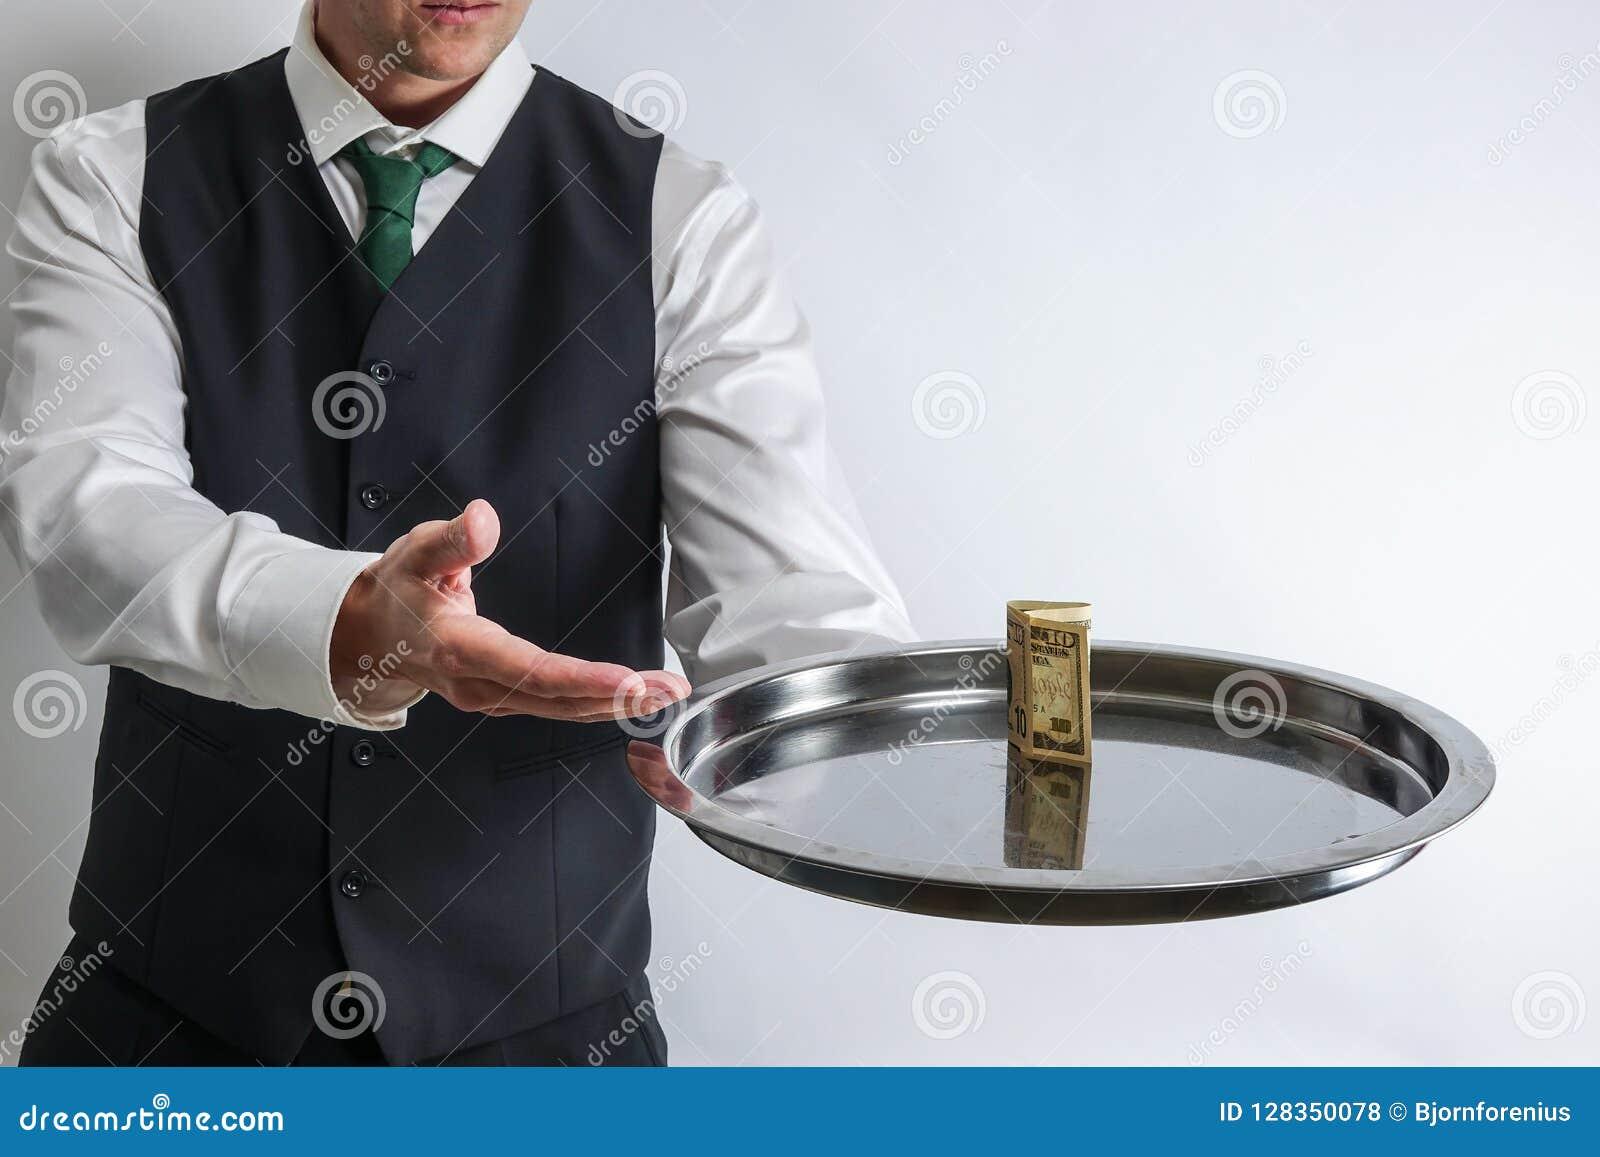 Ο οικονόμος/ο σερβιτόρος κρατά έναν ασημένιο δίσκο με έναν λογαριασμό δέκα δολαρίων